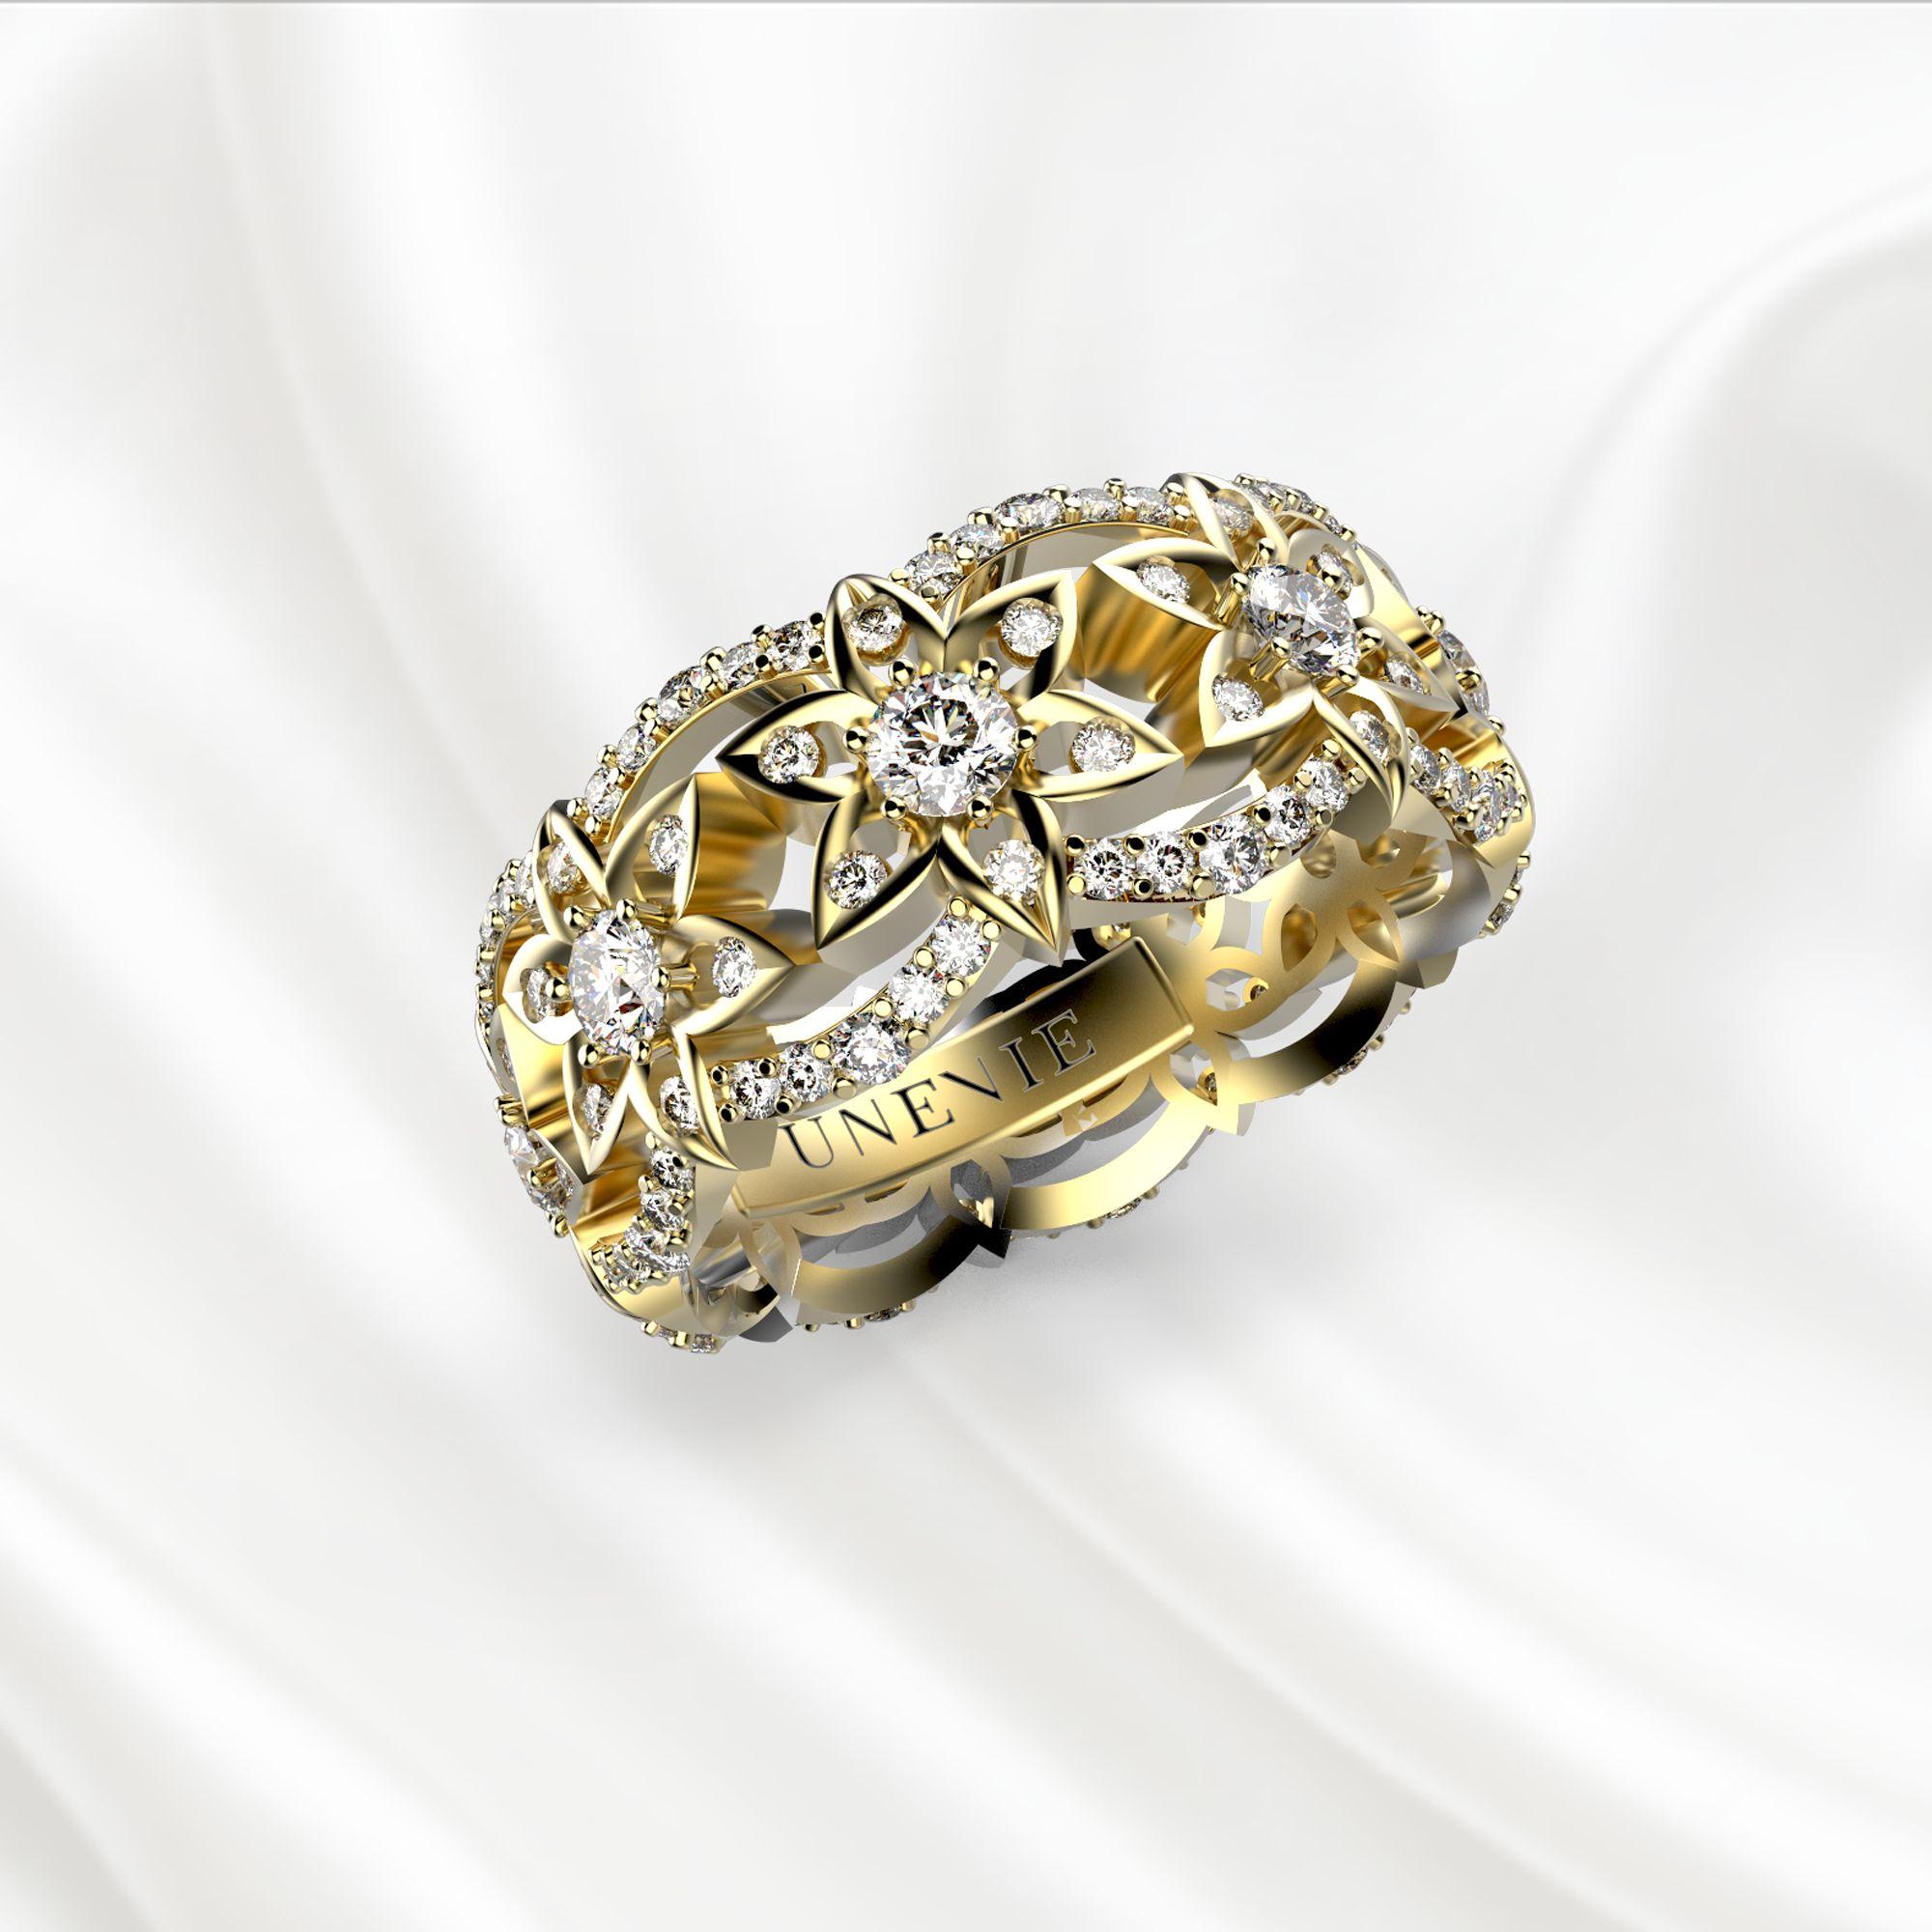 E11 Обручальное кольцо из желтого золота с 153 бриллиантами